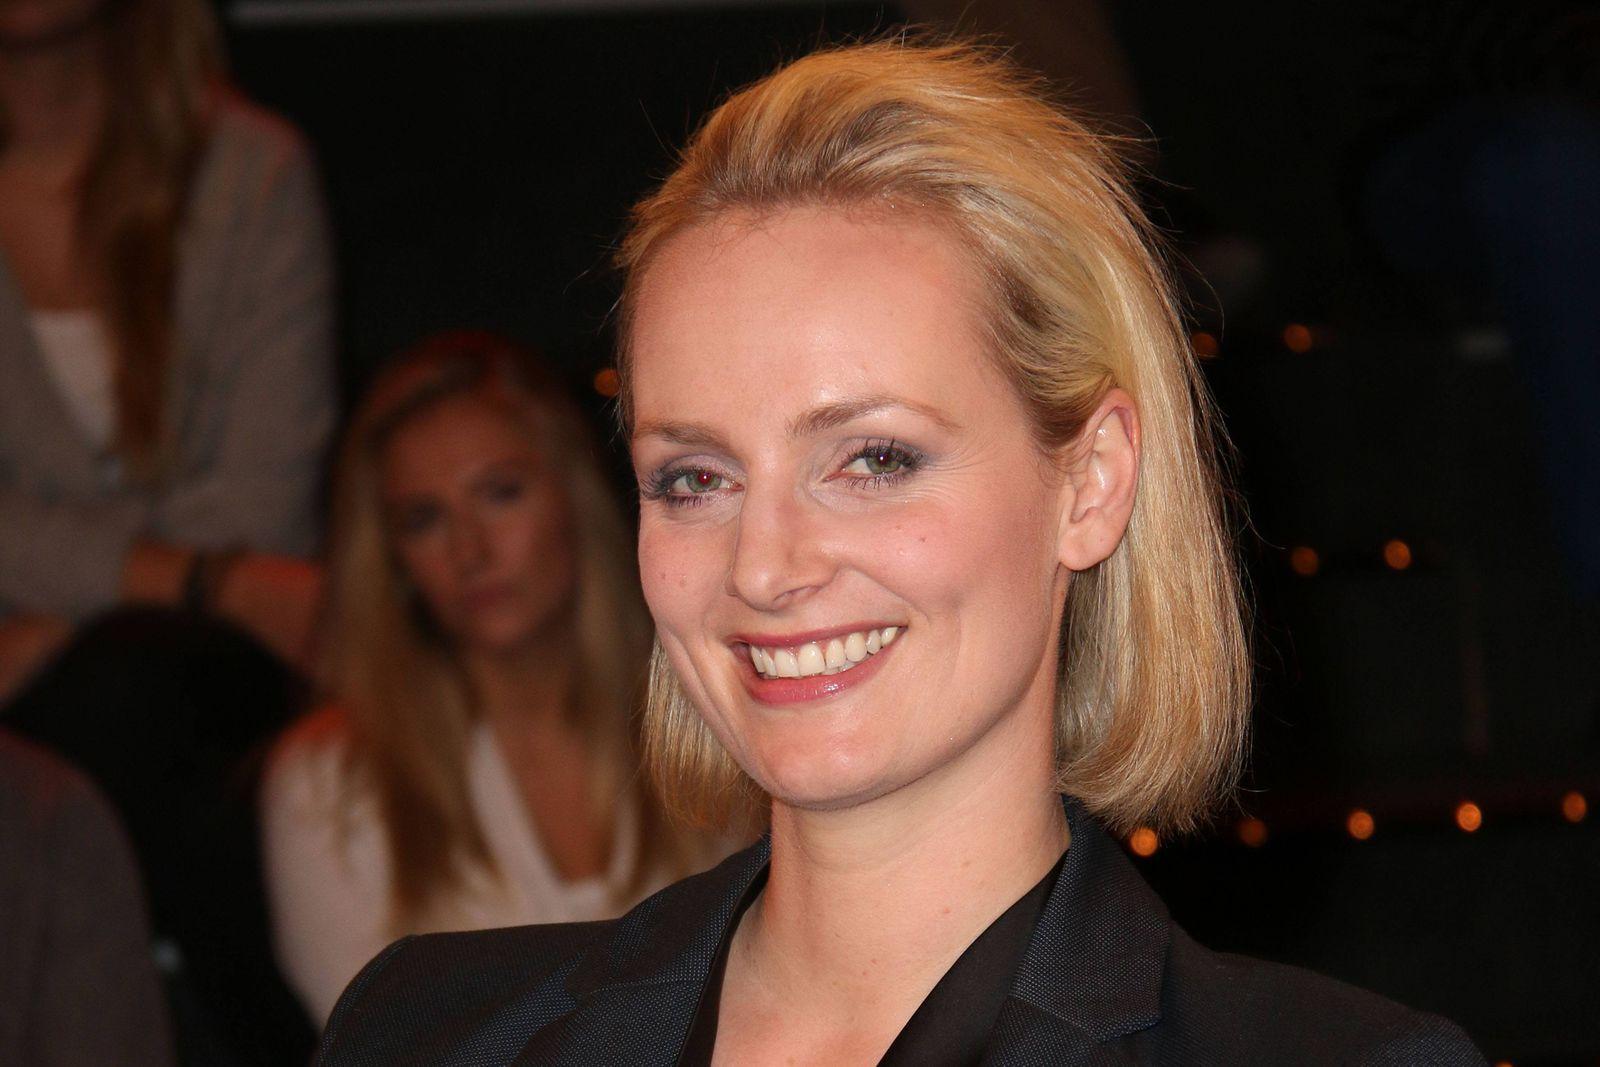 Elisabeth Wehling